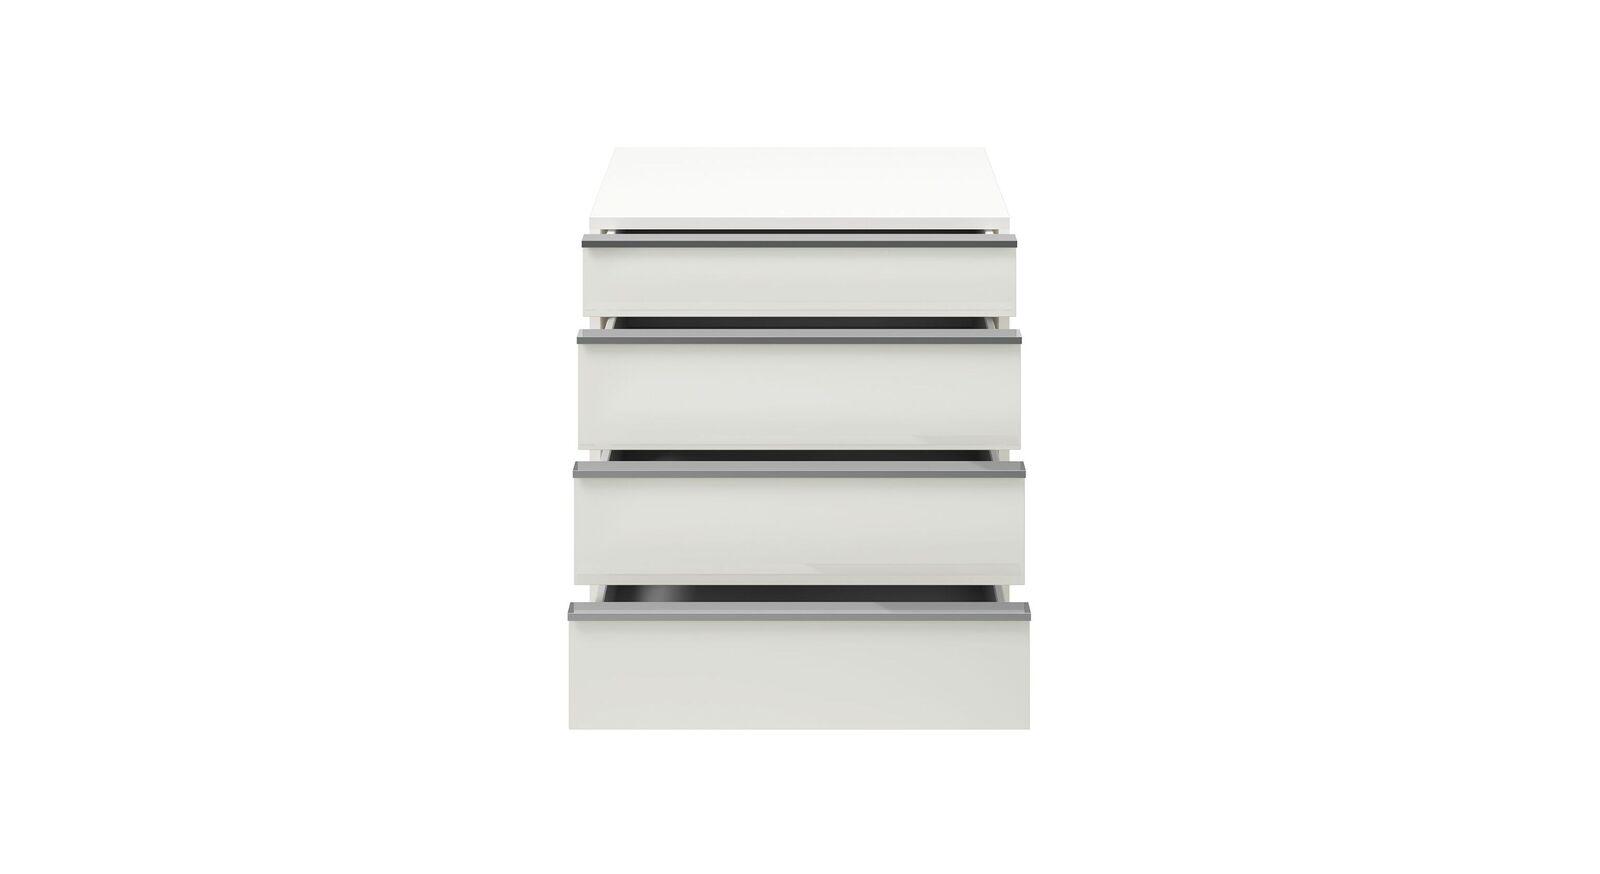 GALLERY M Nachttisch IMOLA W in Weiß mit schmaler Schublade